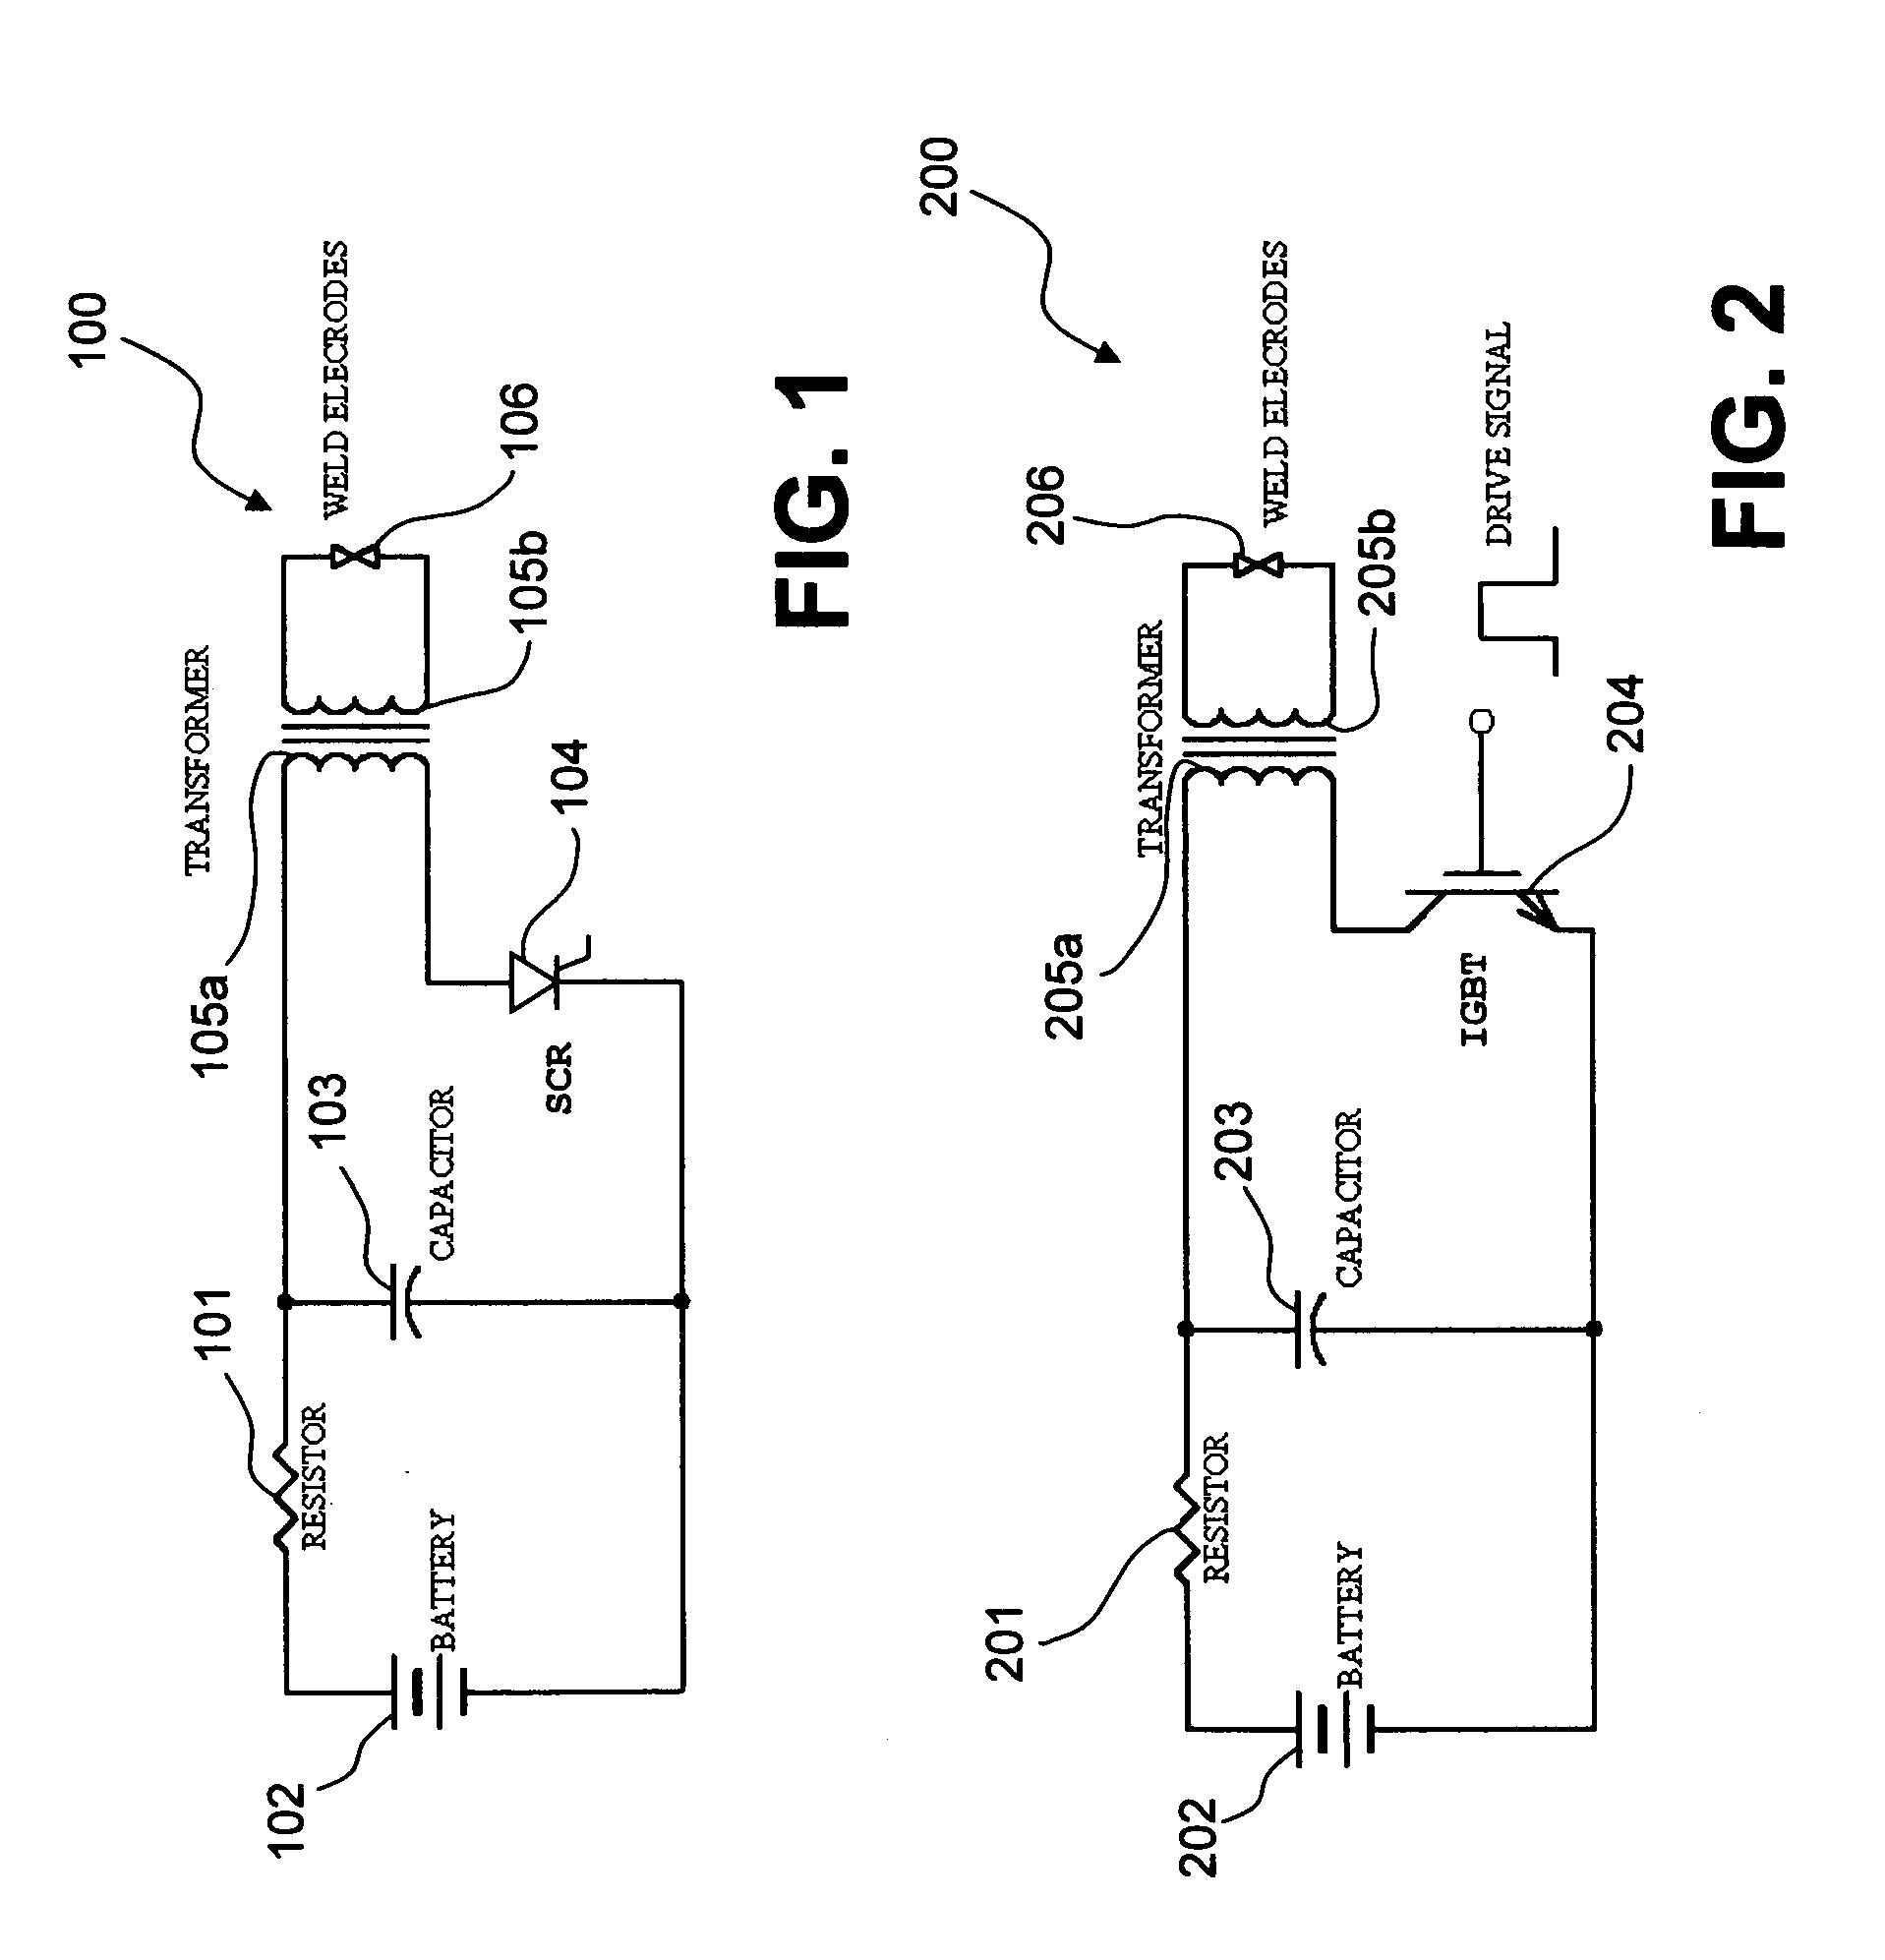 Capacitive Discharge Welder Wiring Diagram